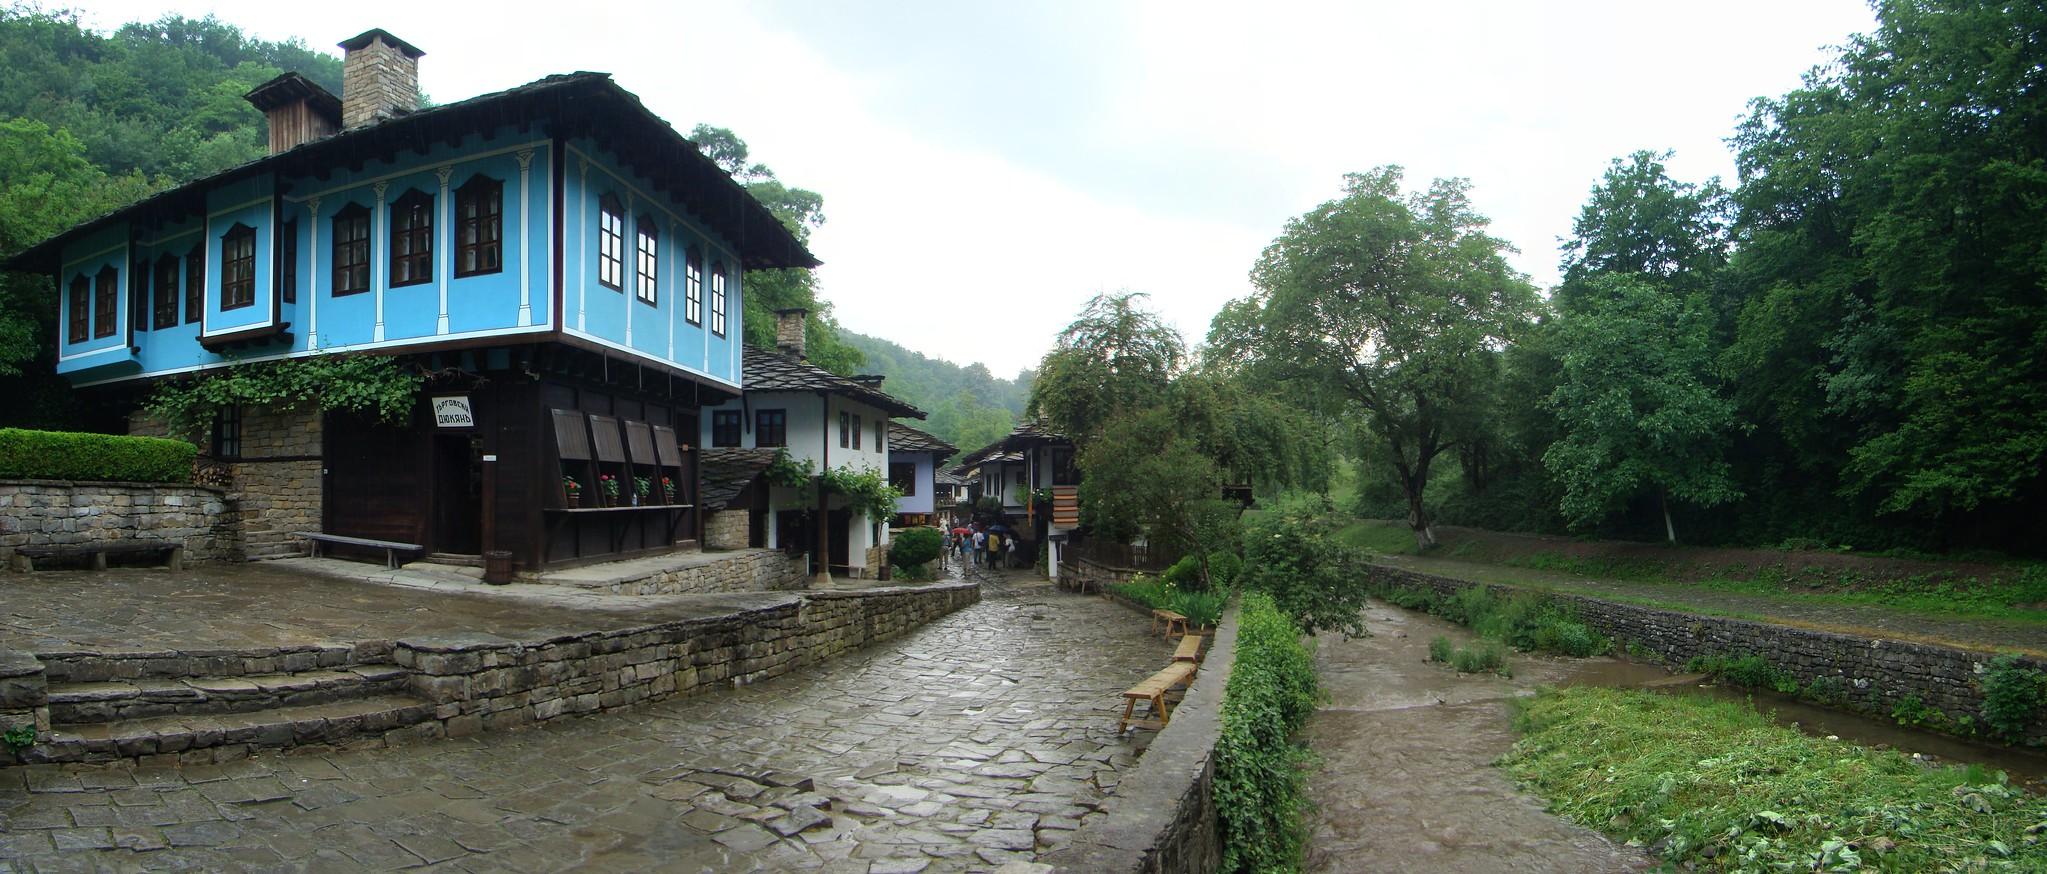 casas edificios rio Sivek Complejo etnografico y arquitectonico de Etara Bulgaria